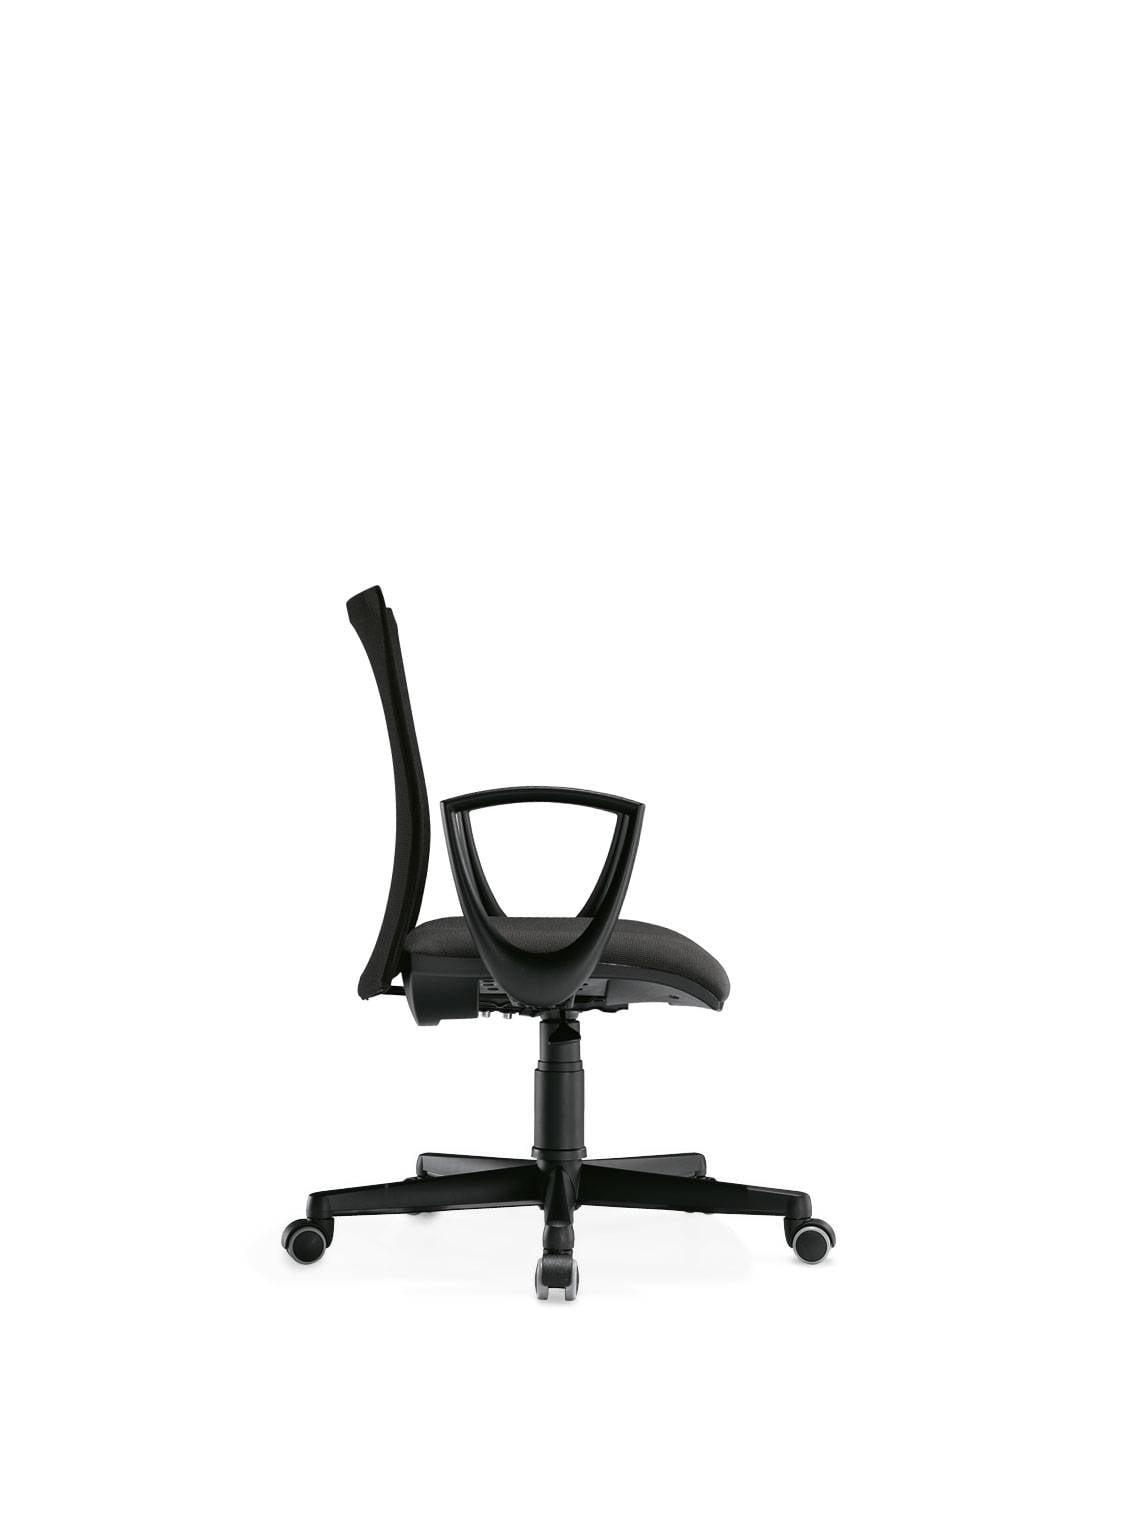 fauteuil de travail KROMA MESH dossier bas résille noire accoudoirs fixes piétement nylon noir sur Aubagne